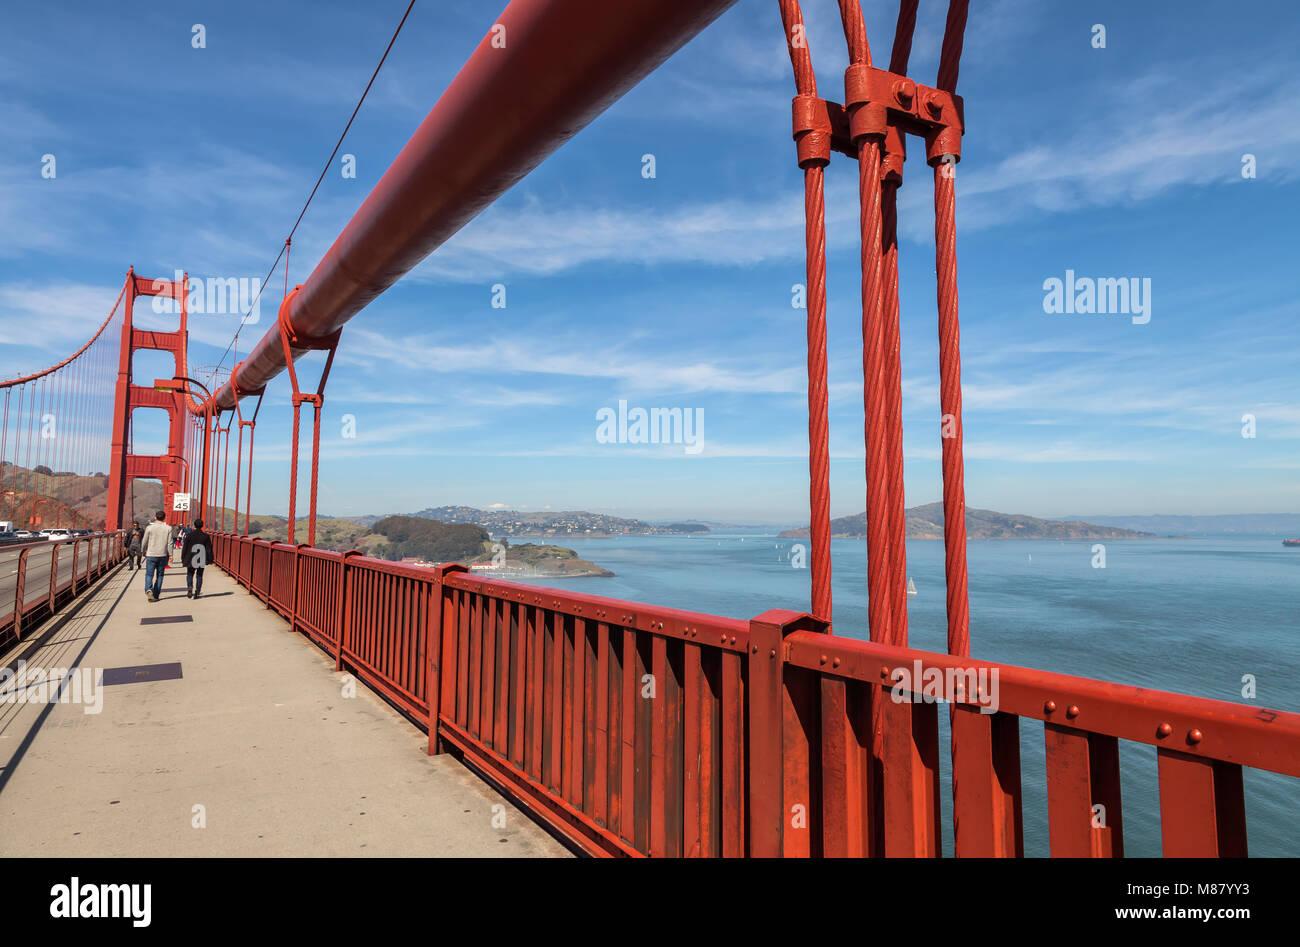 Golden Gate Bridge e i pedoni, che si affaccia sulla baia di San Francisco, California, Stati Uniti. Immagini Stock